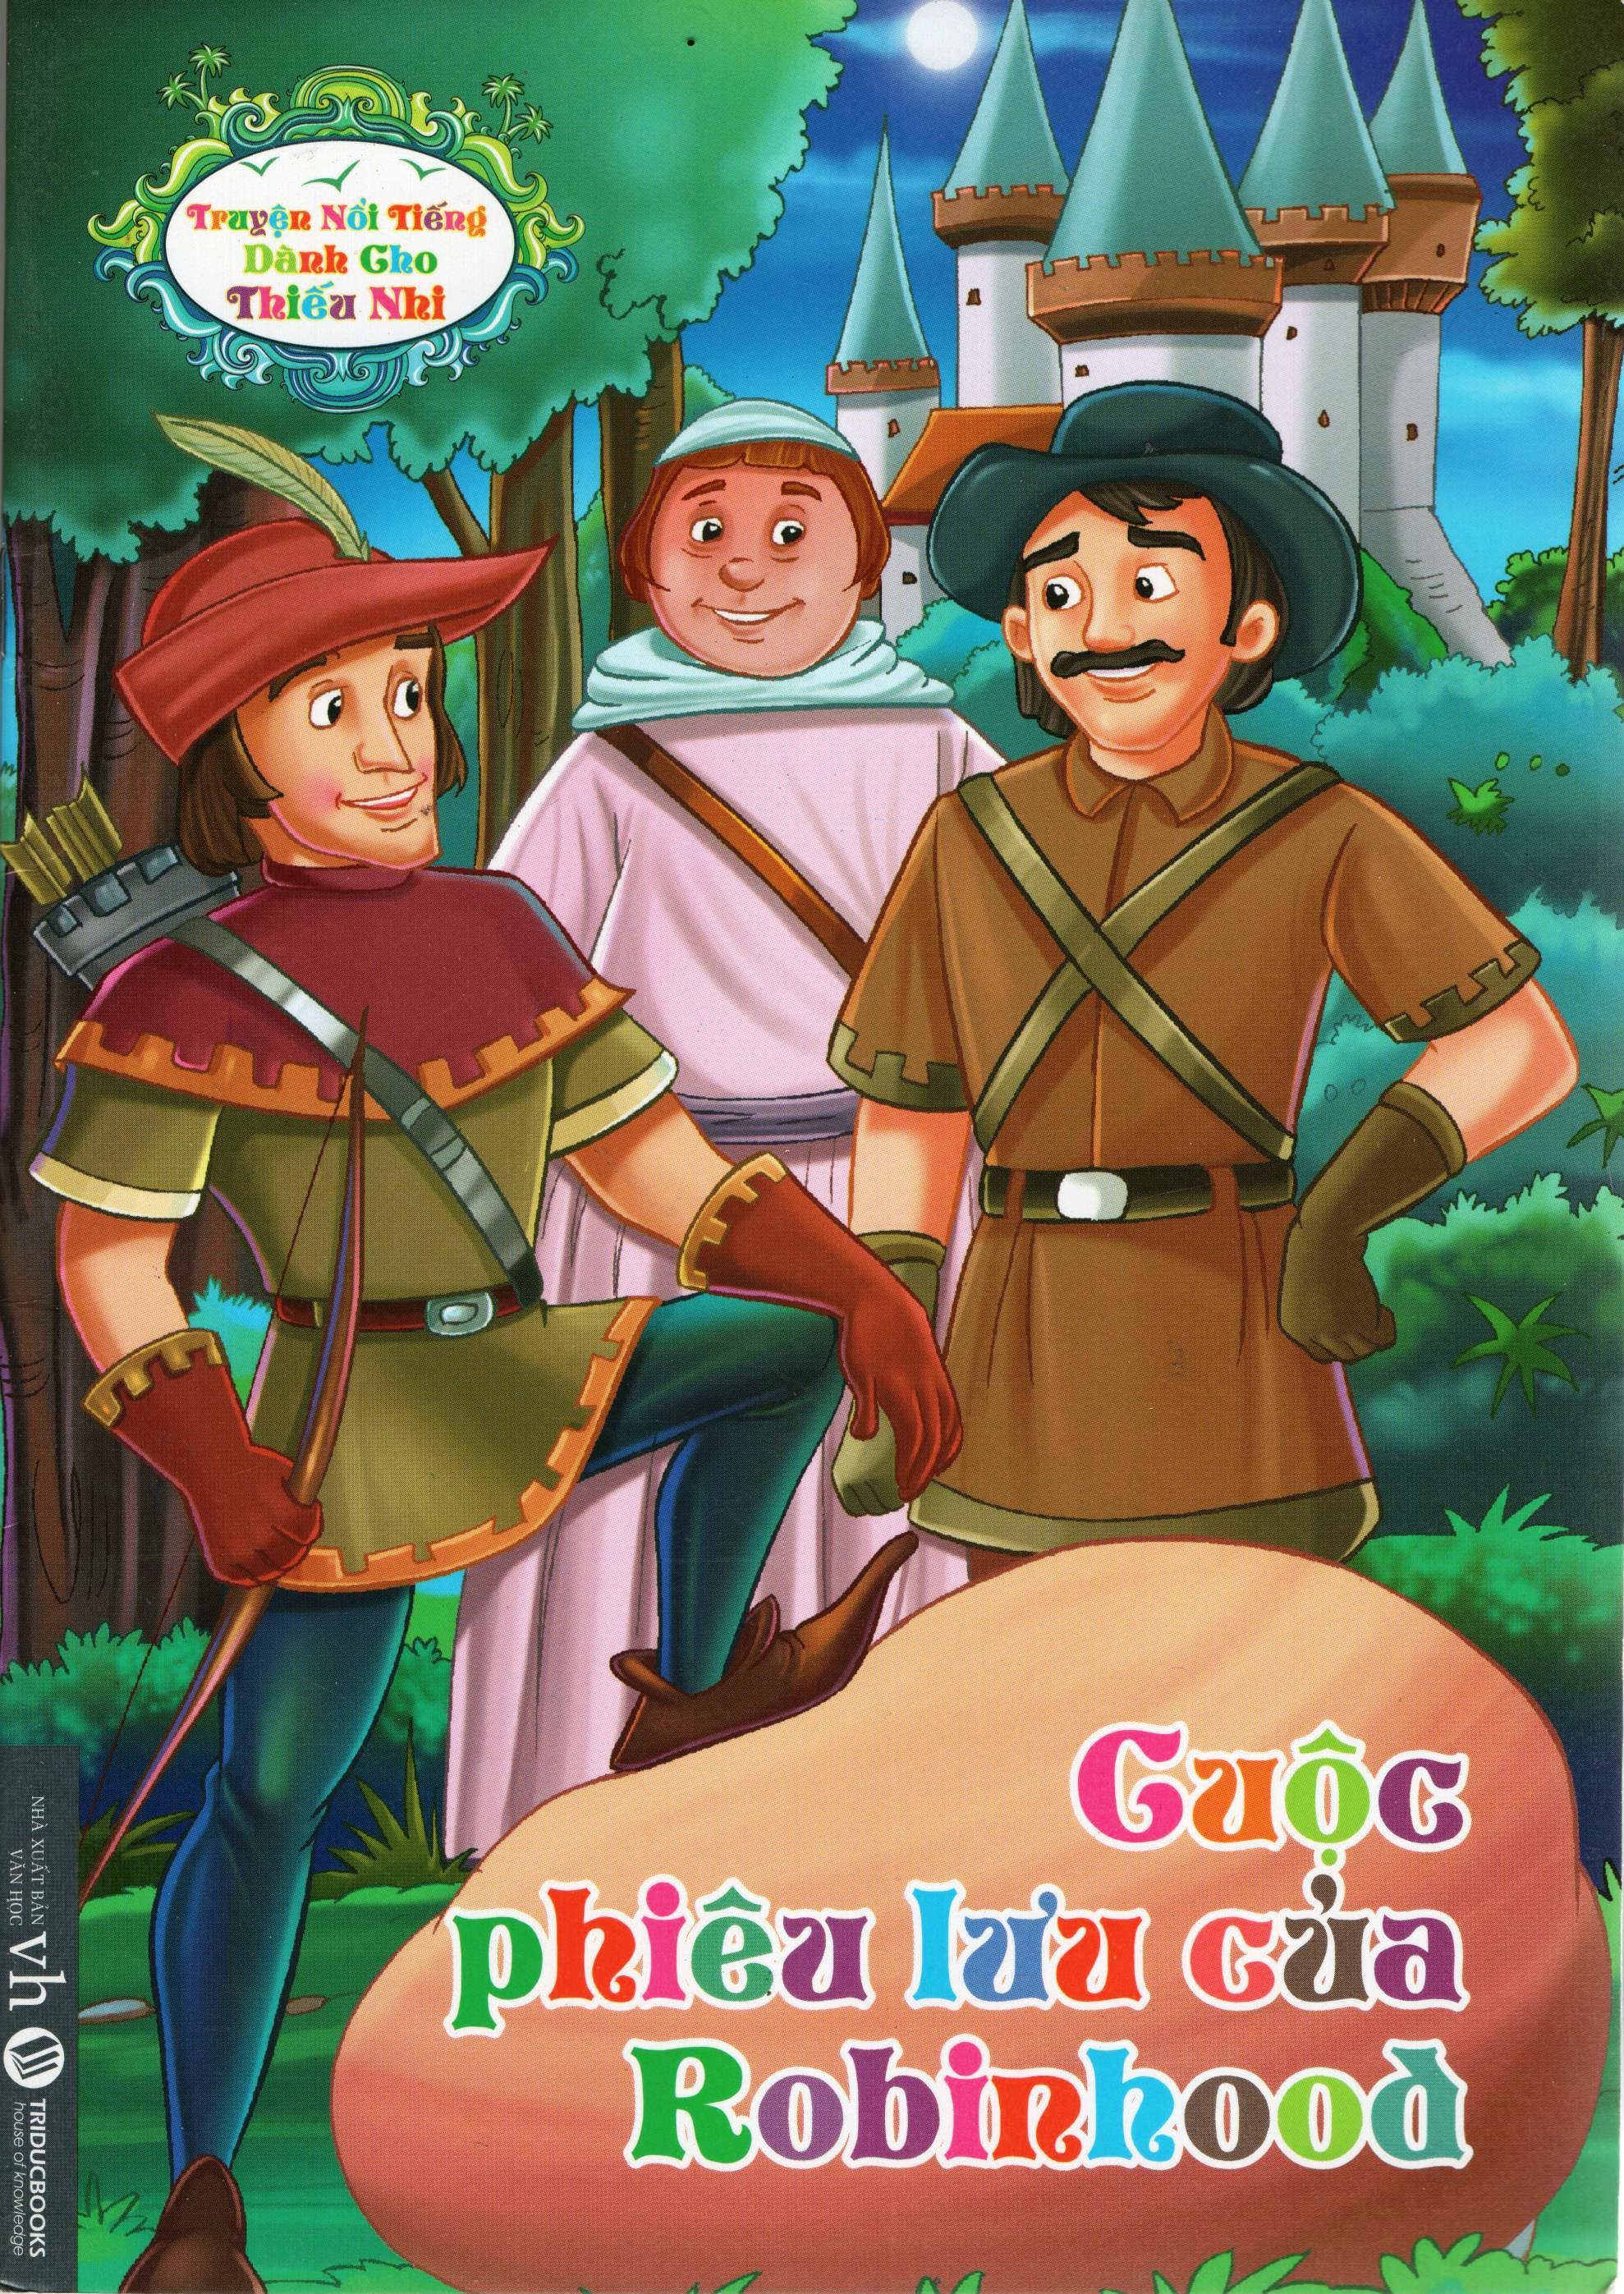 Bìa sách Truyện Nổi Tiếng Dành Cho Thiếu Nhi – Cuộc Phiêu Lưu Của Robinhood